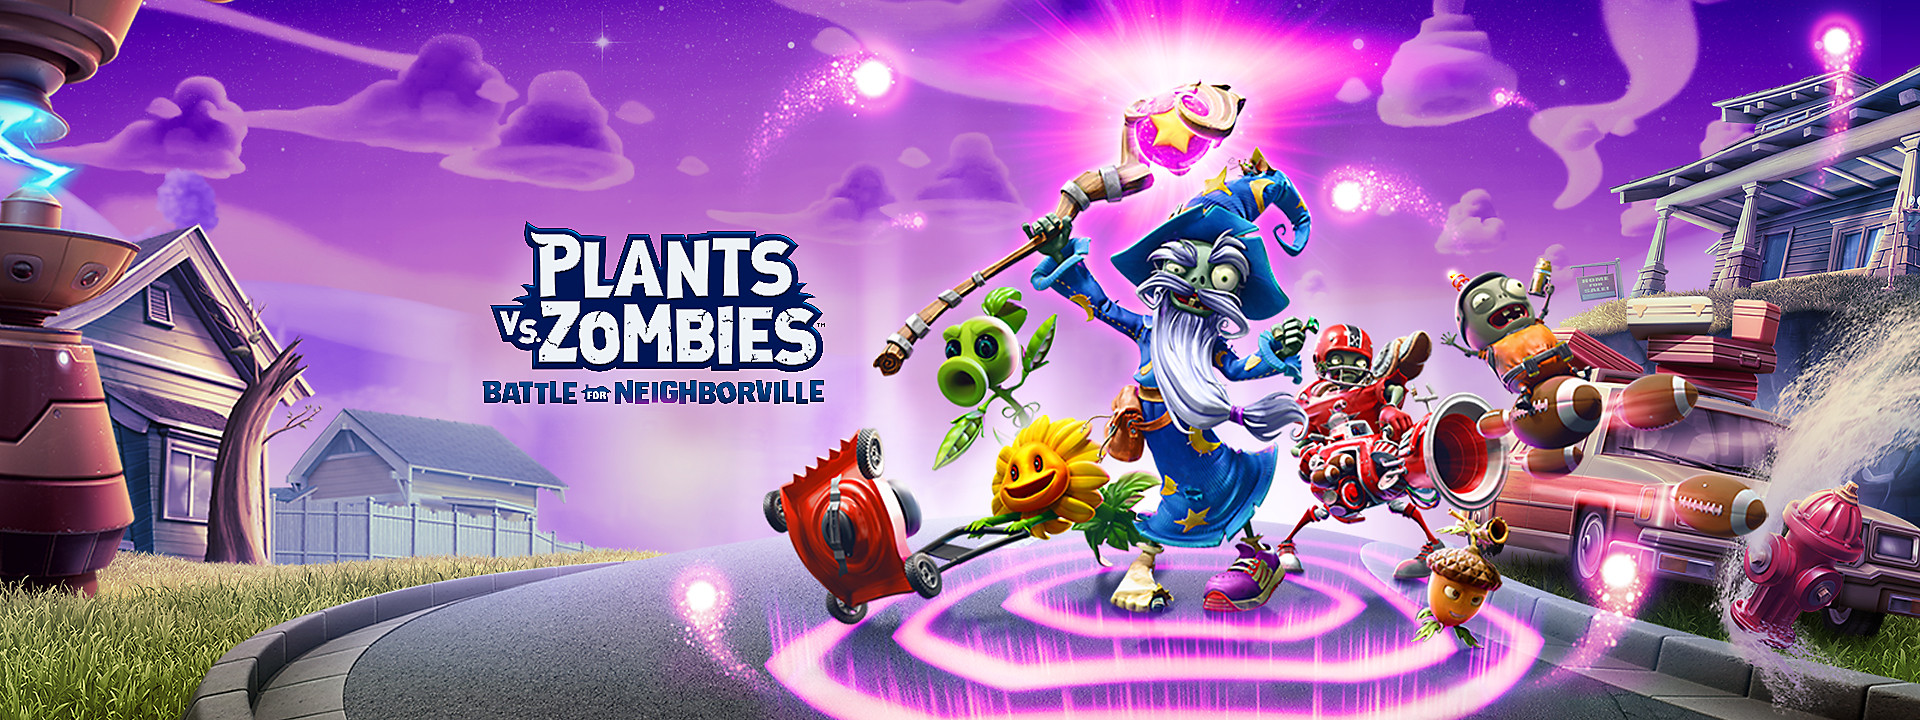 แนะนำเกม Plants vs Zombies